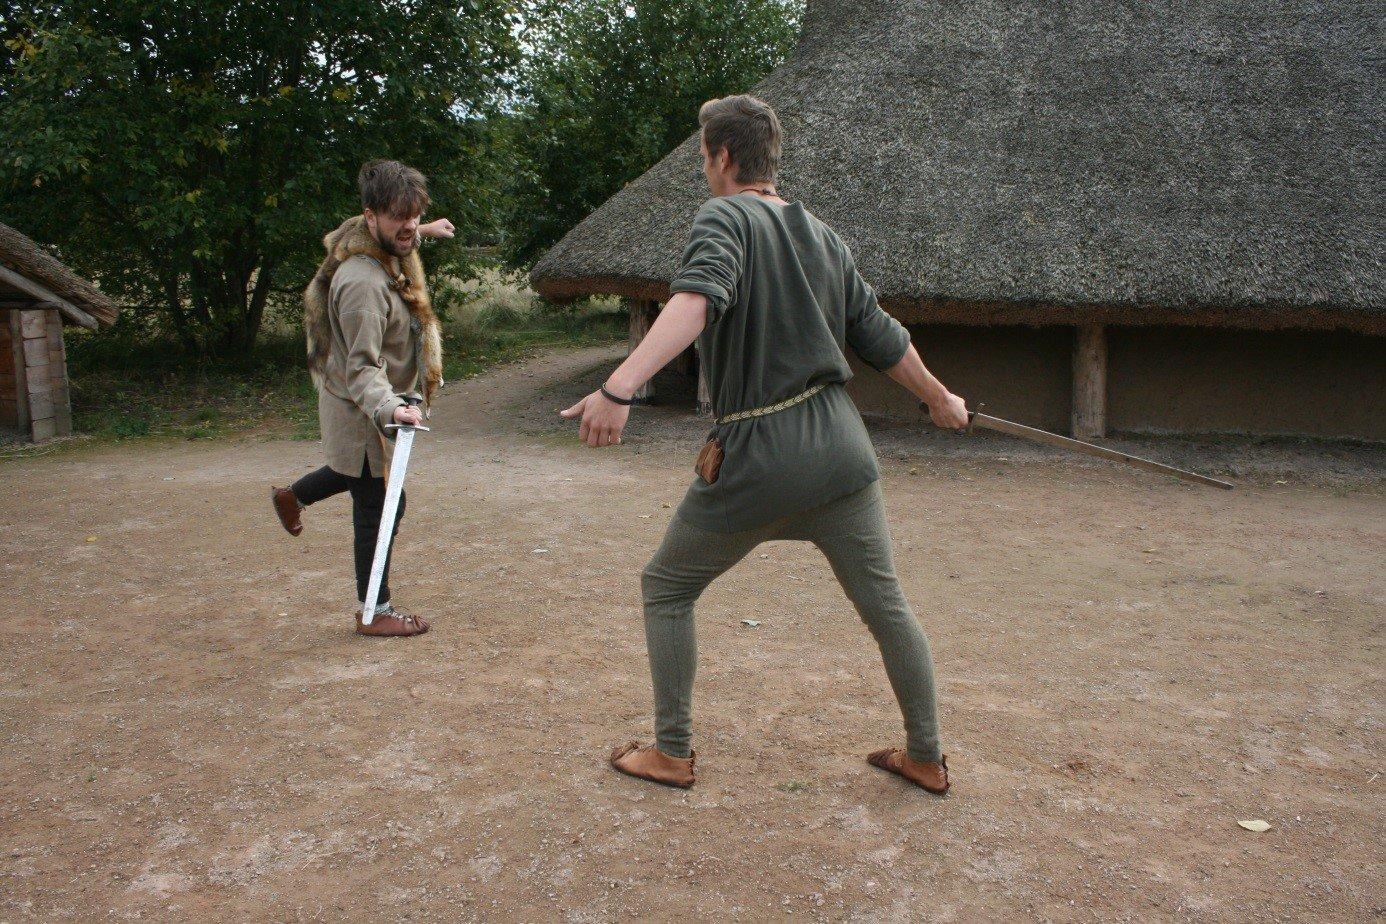 zwaardvechtenb